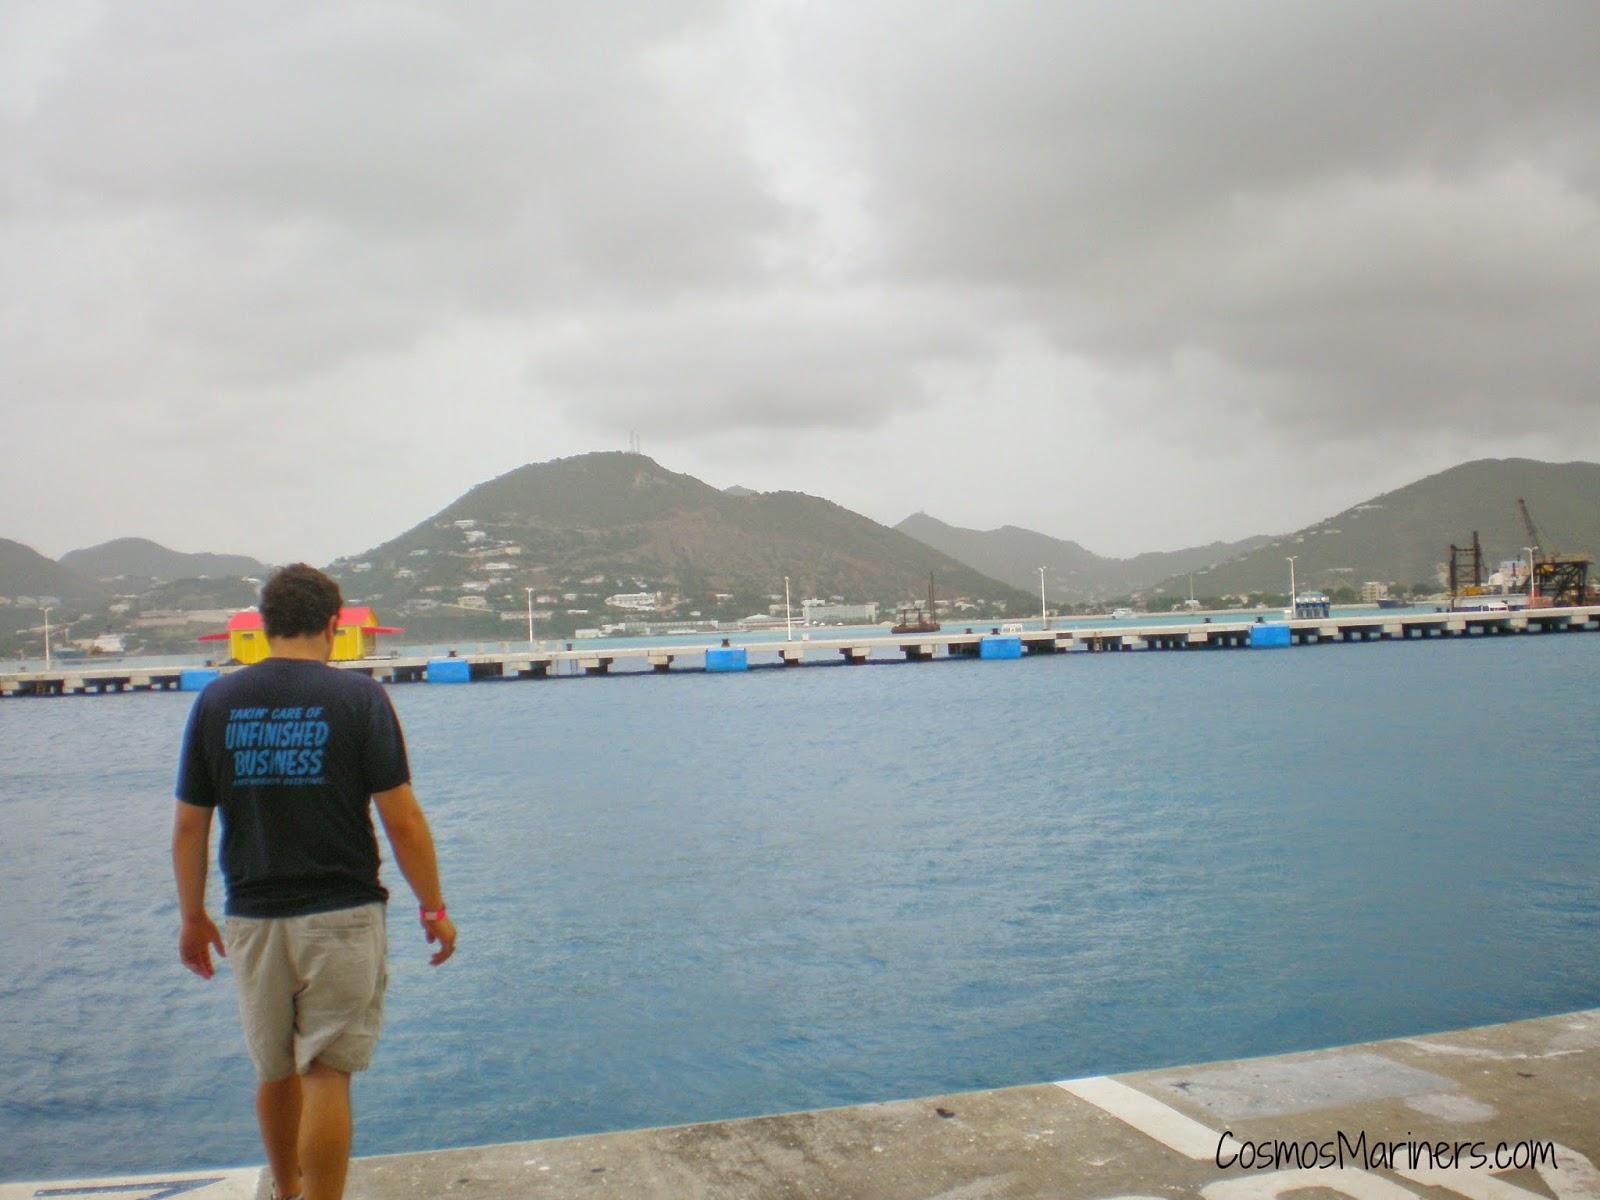 Treetop Fun: Ziplining in St. Maarten | CosmosMariners.com